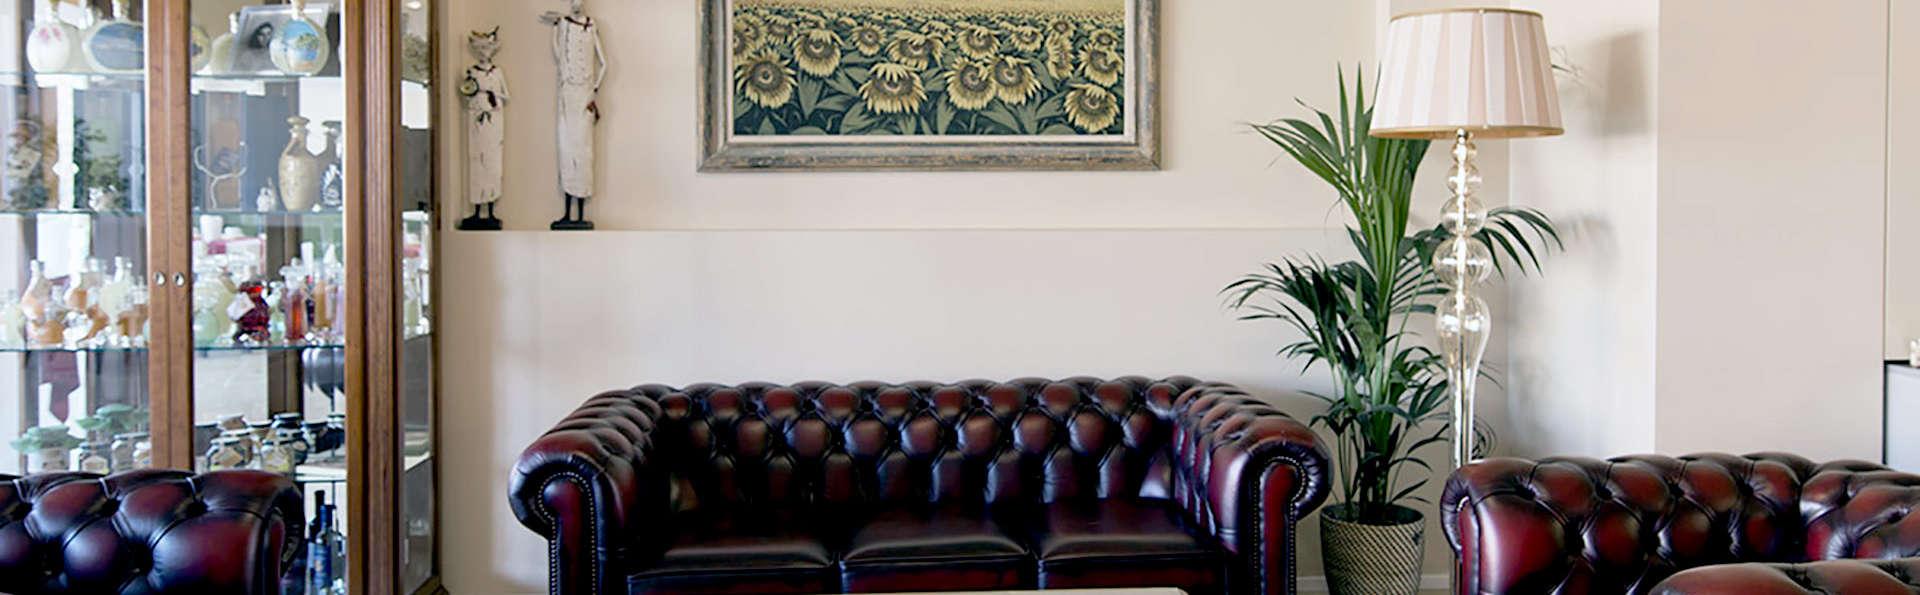 Séjournez dans un hôtel 4* moderne, idéal pour découvrir Vicence et sa province